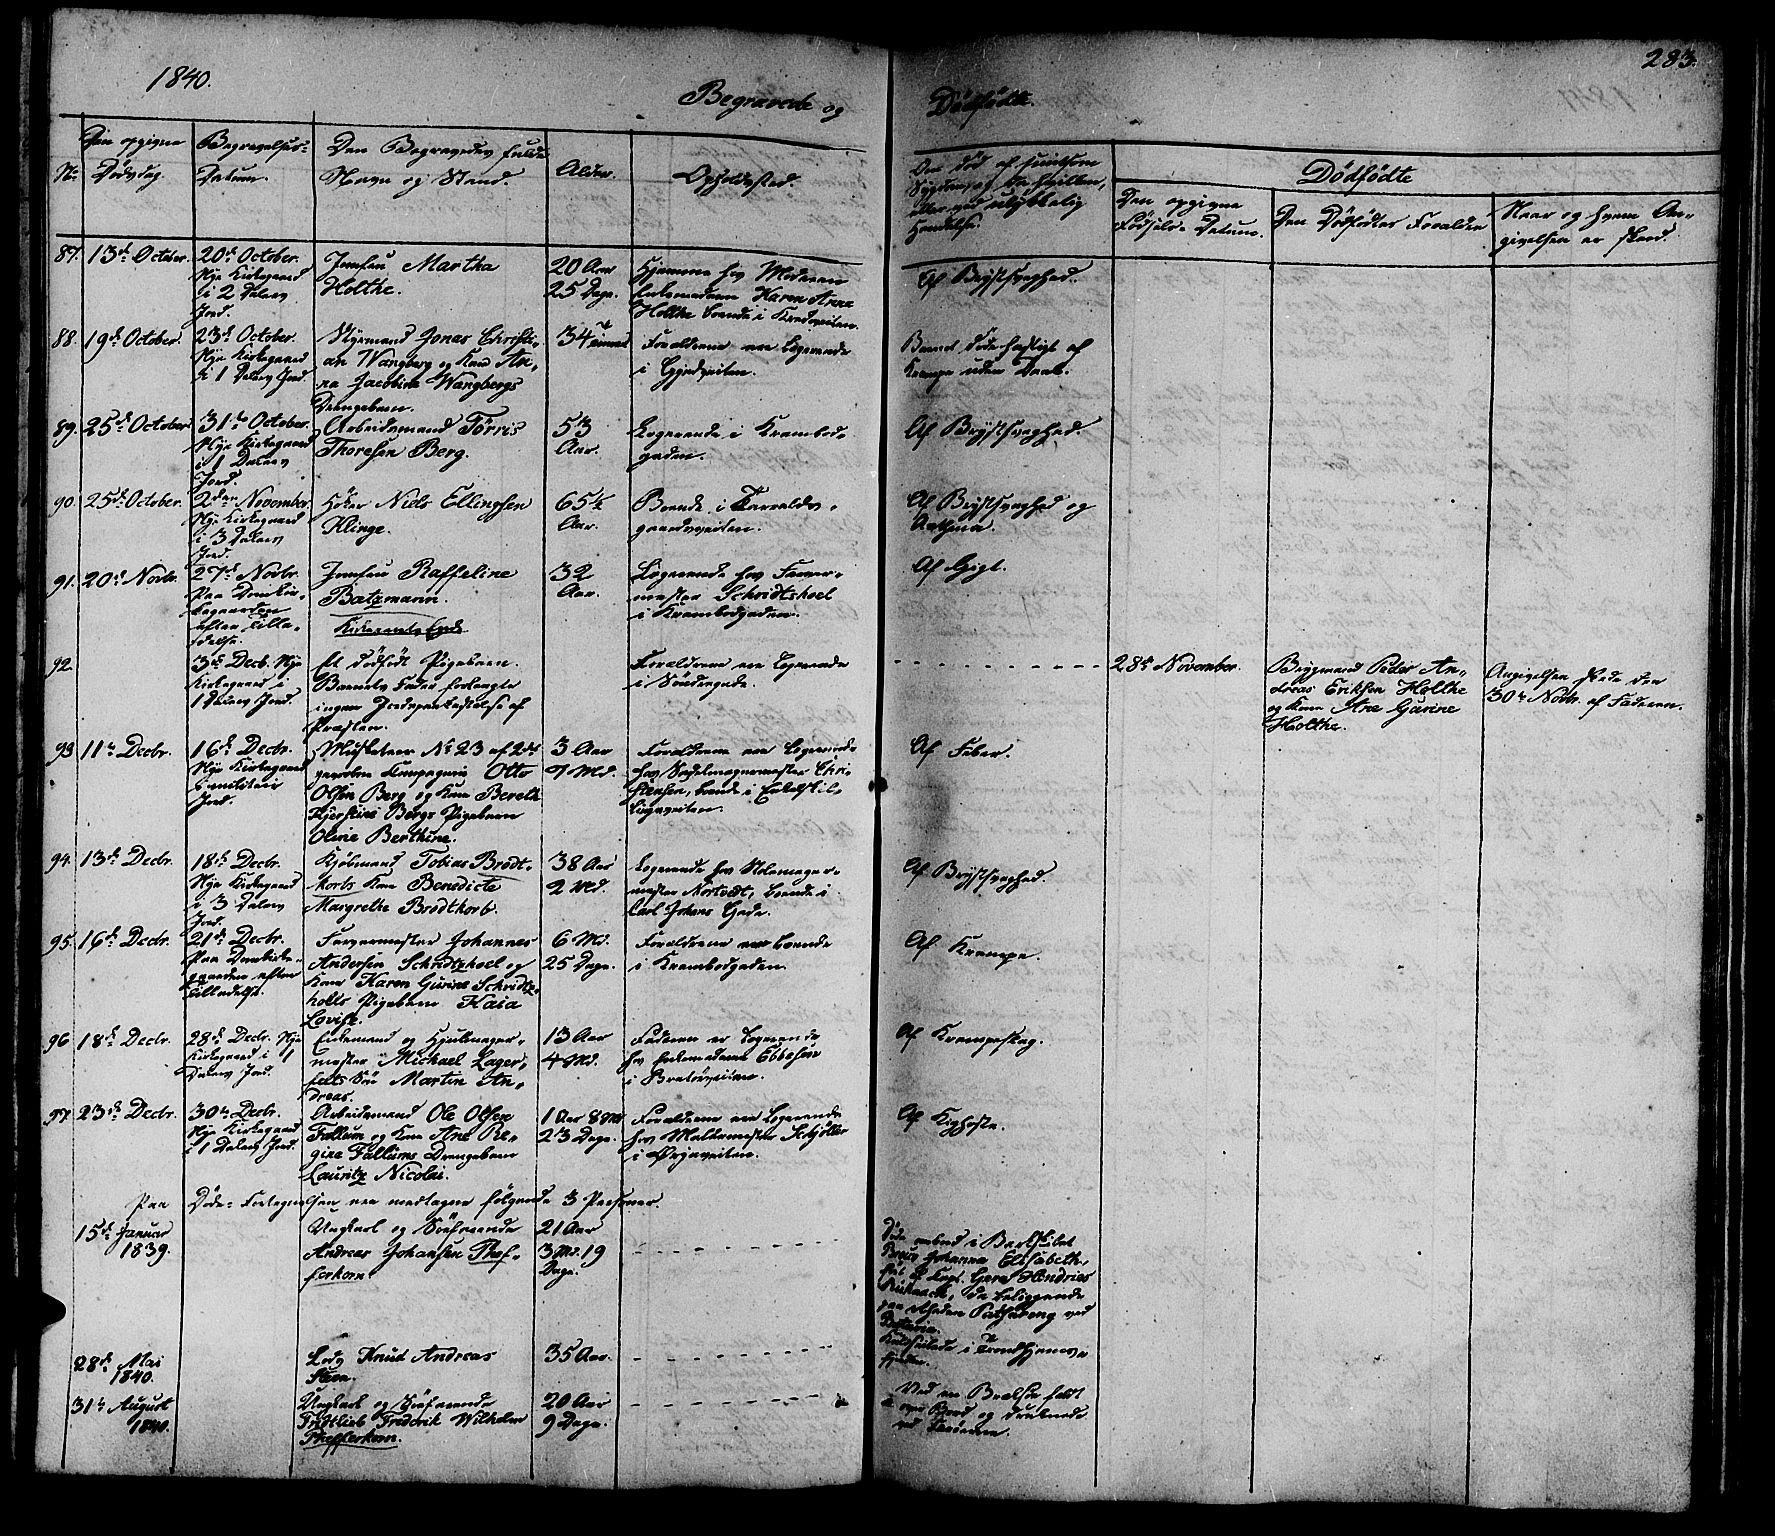 SAT, Ministerialprotokoller, klokkerbøker og fødselsregistre - Sør-Trøndelag, 602/L0136: Klokkerbok nr. 602C04, 1833-1845, s. 283